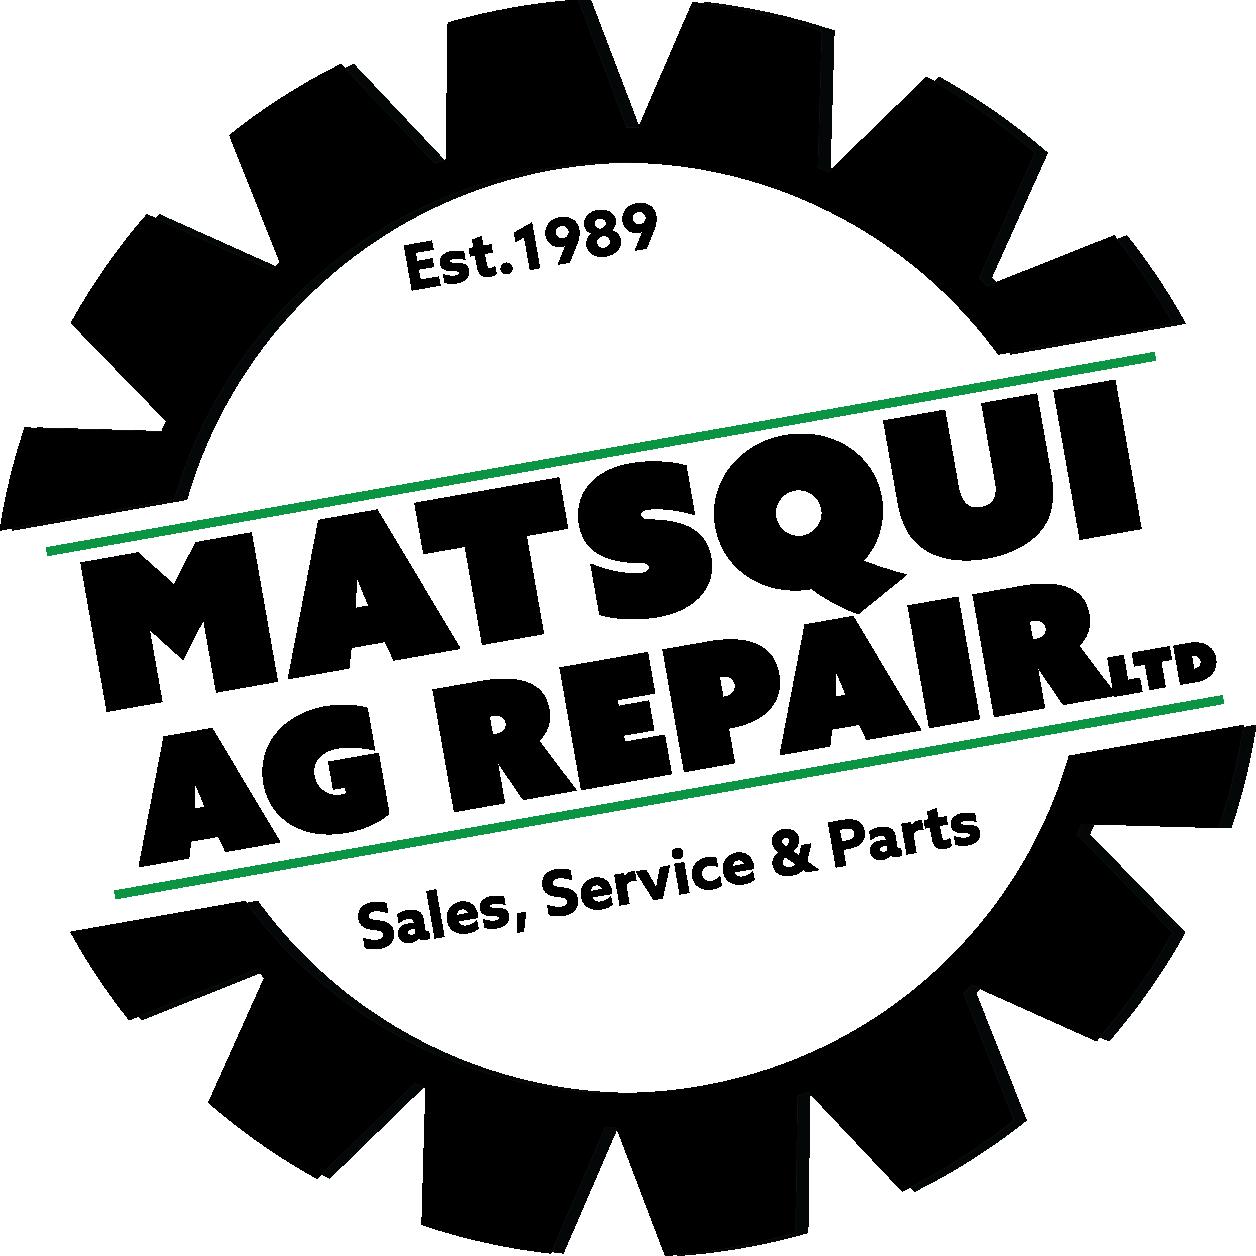 Matsqui Ag Repair Logo | farm equipment dealer in abbtosford bc